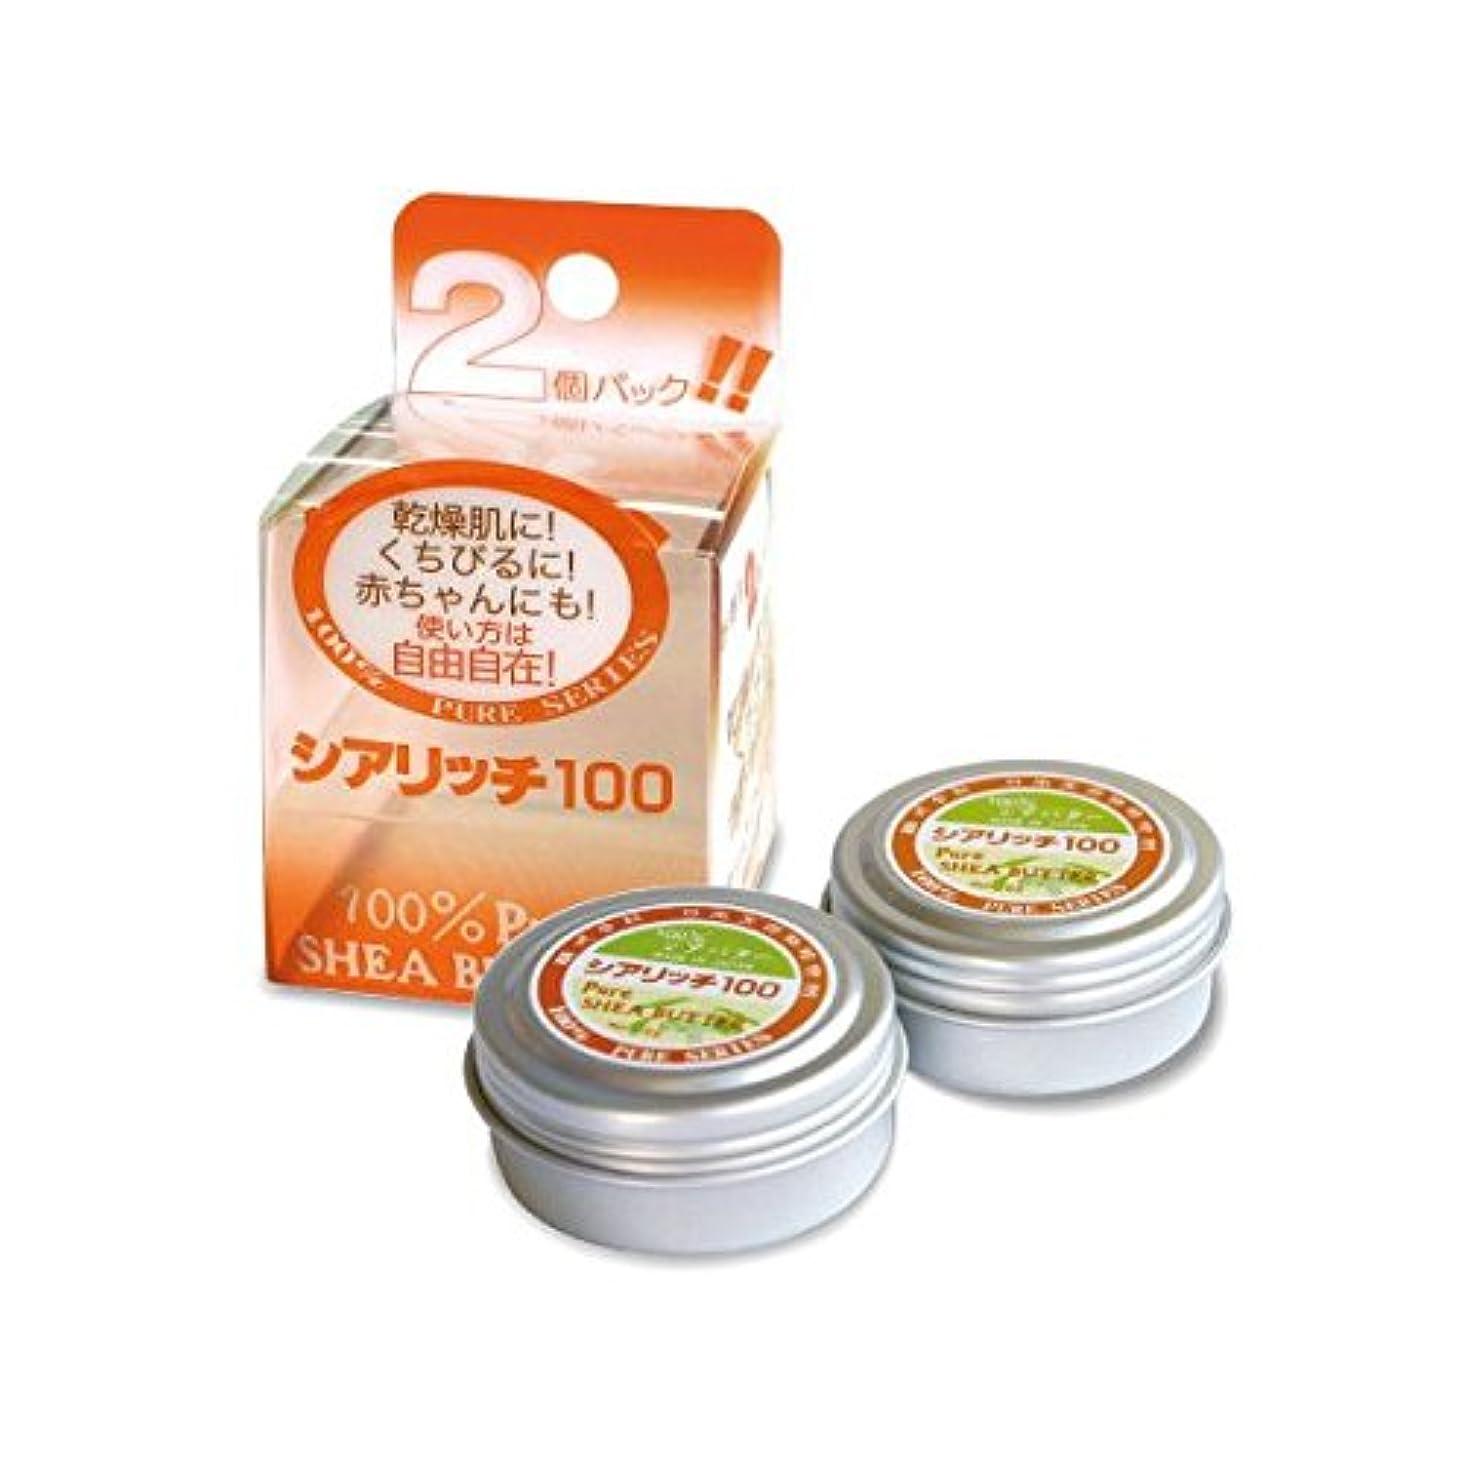 傷つける物理的な腹痛日本天然物研究所 シアリッチ100 (8g×2個入り)【単品】(無添加100%シアバター)無香料